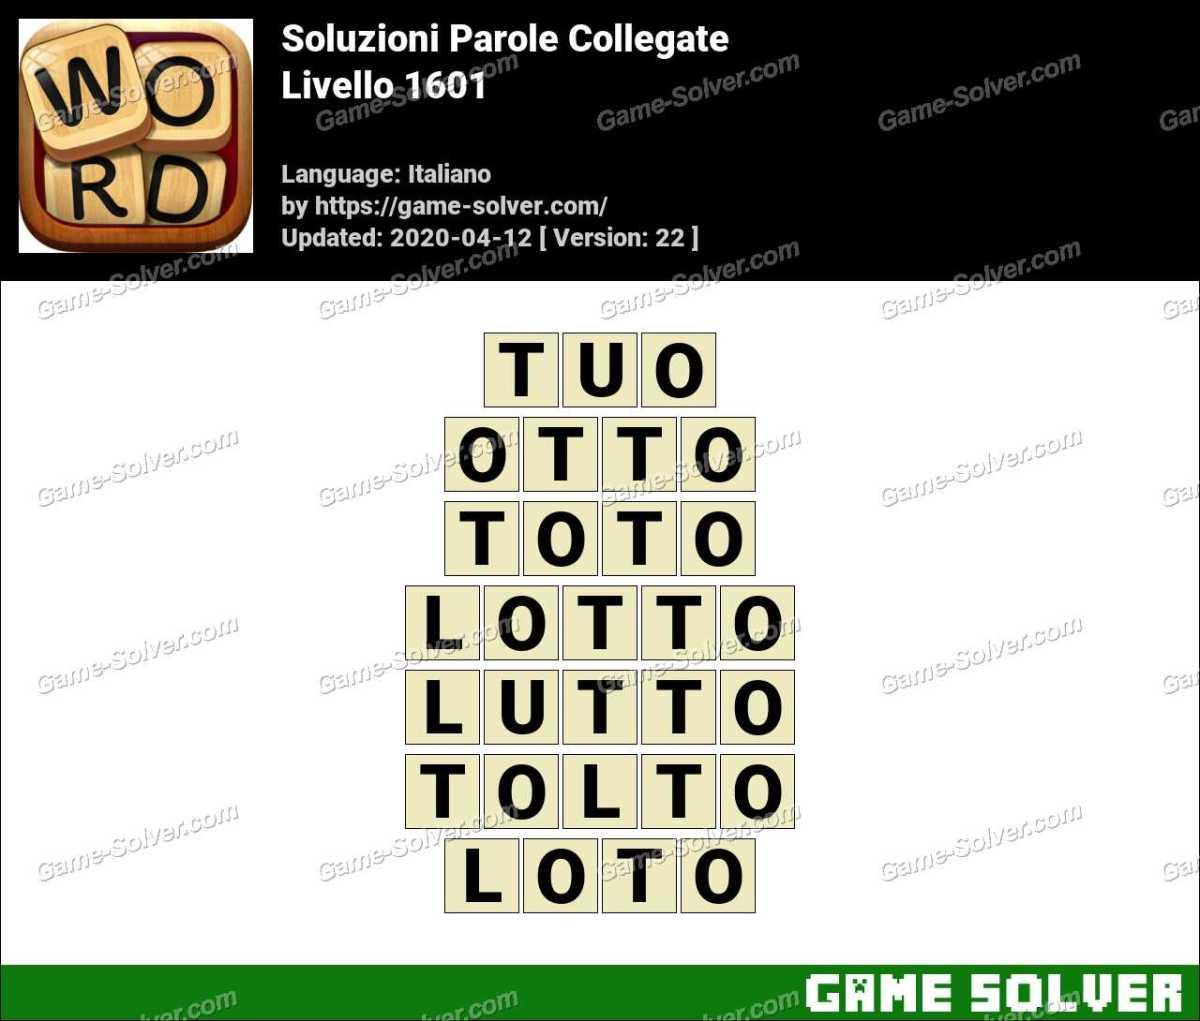 Soluzioni Parole Collegate Livello 1601